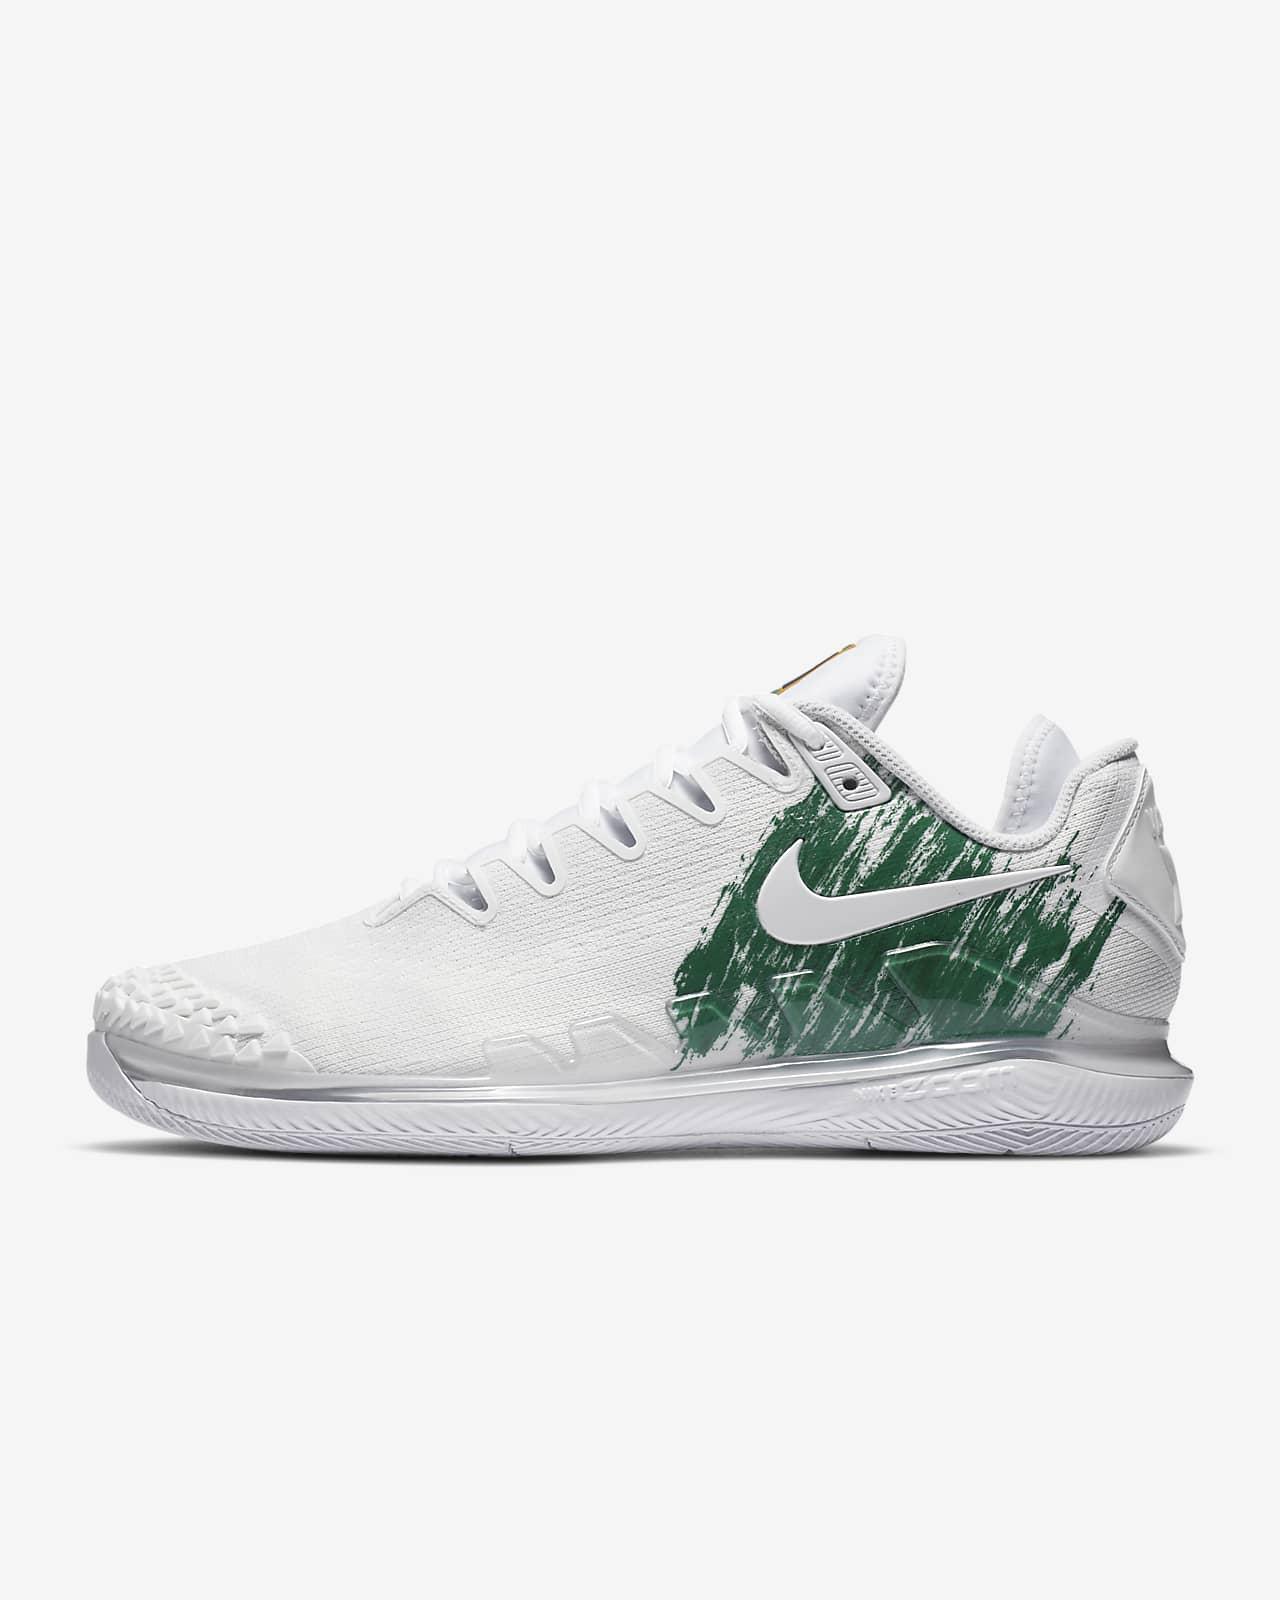 NikeCourt Air Zoom Vapor X Knit Zapatillas de tenis de pista rápida - Hombre